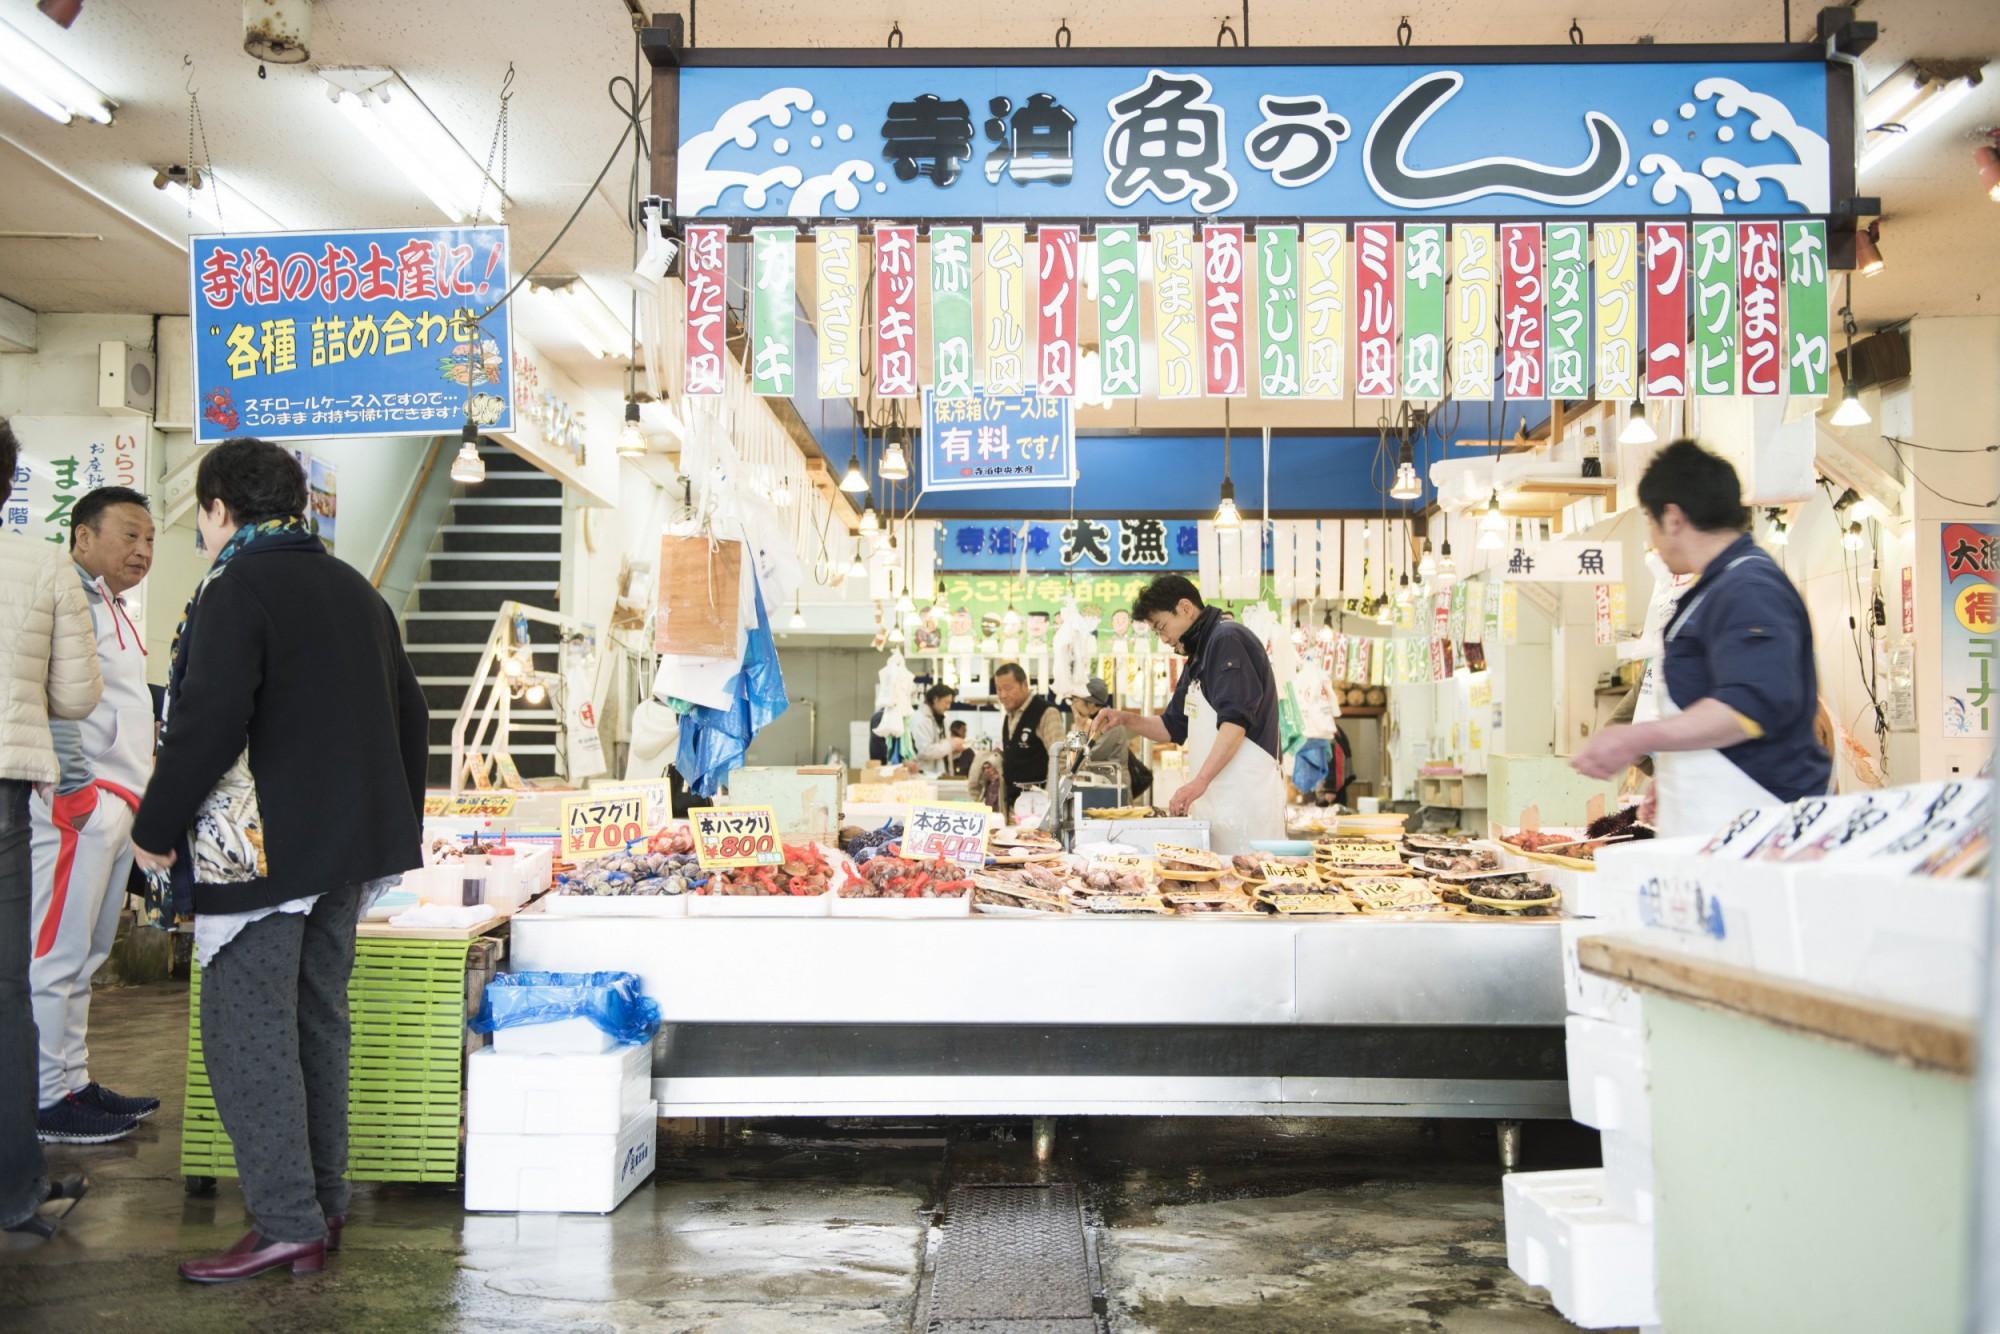 年中賑わう魚の市場通り。平日は8:30、土日、祝日は8:00から営業している。